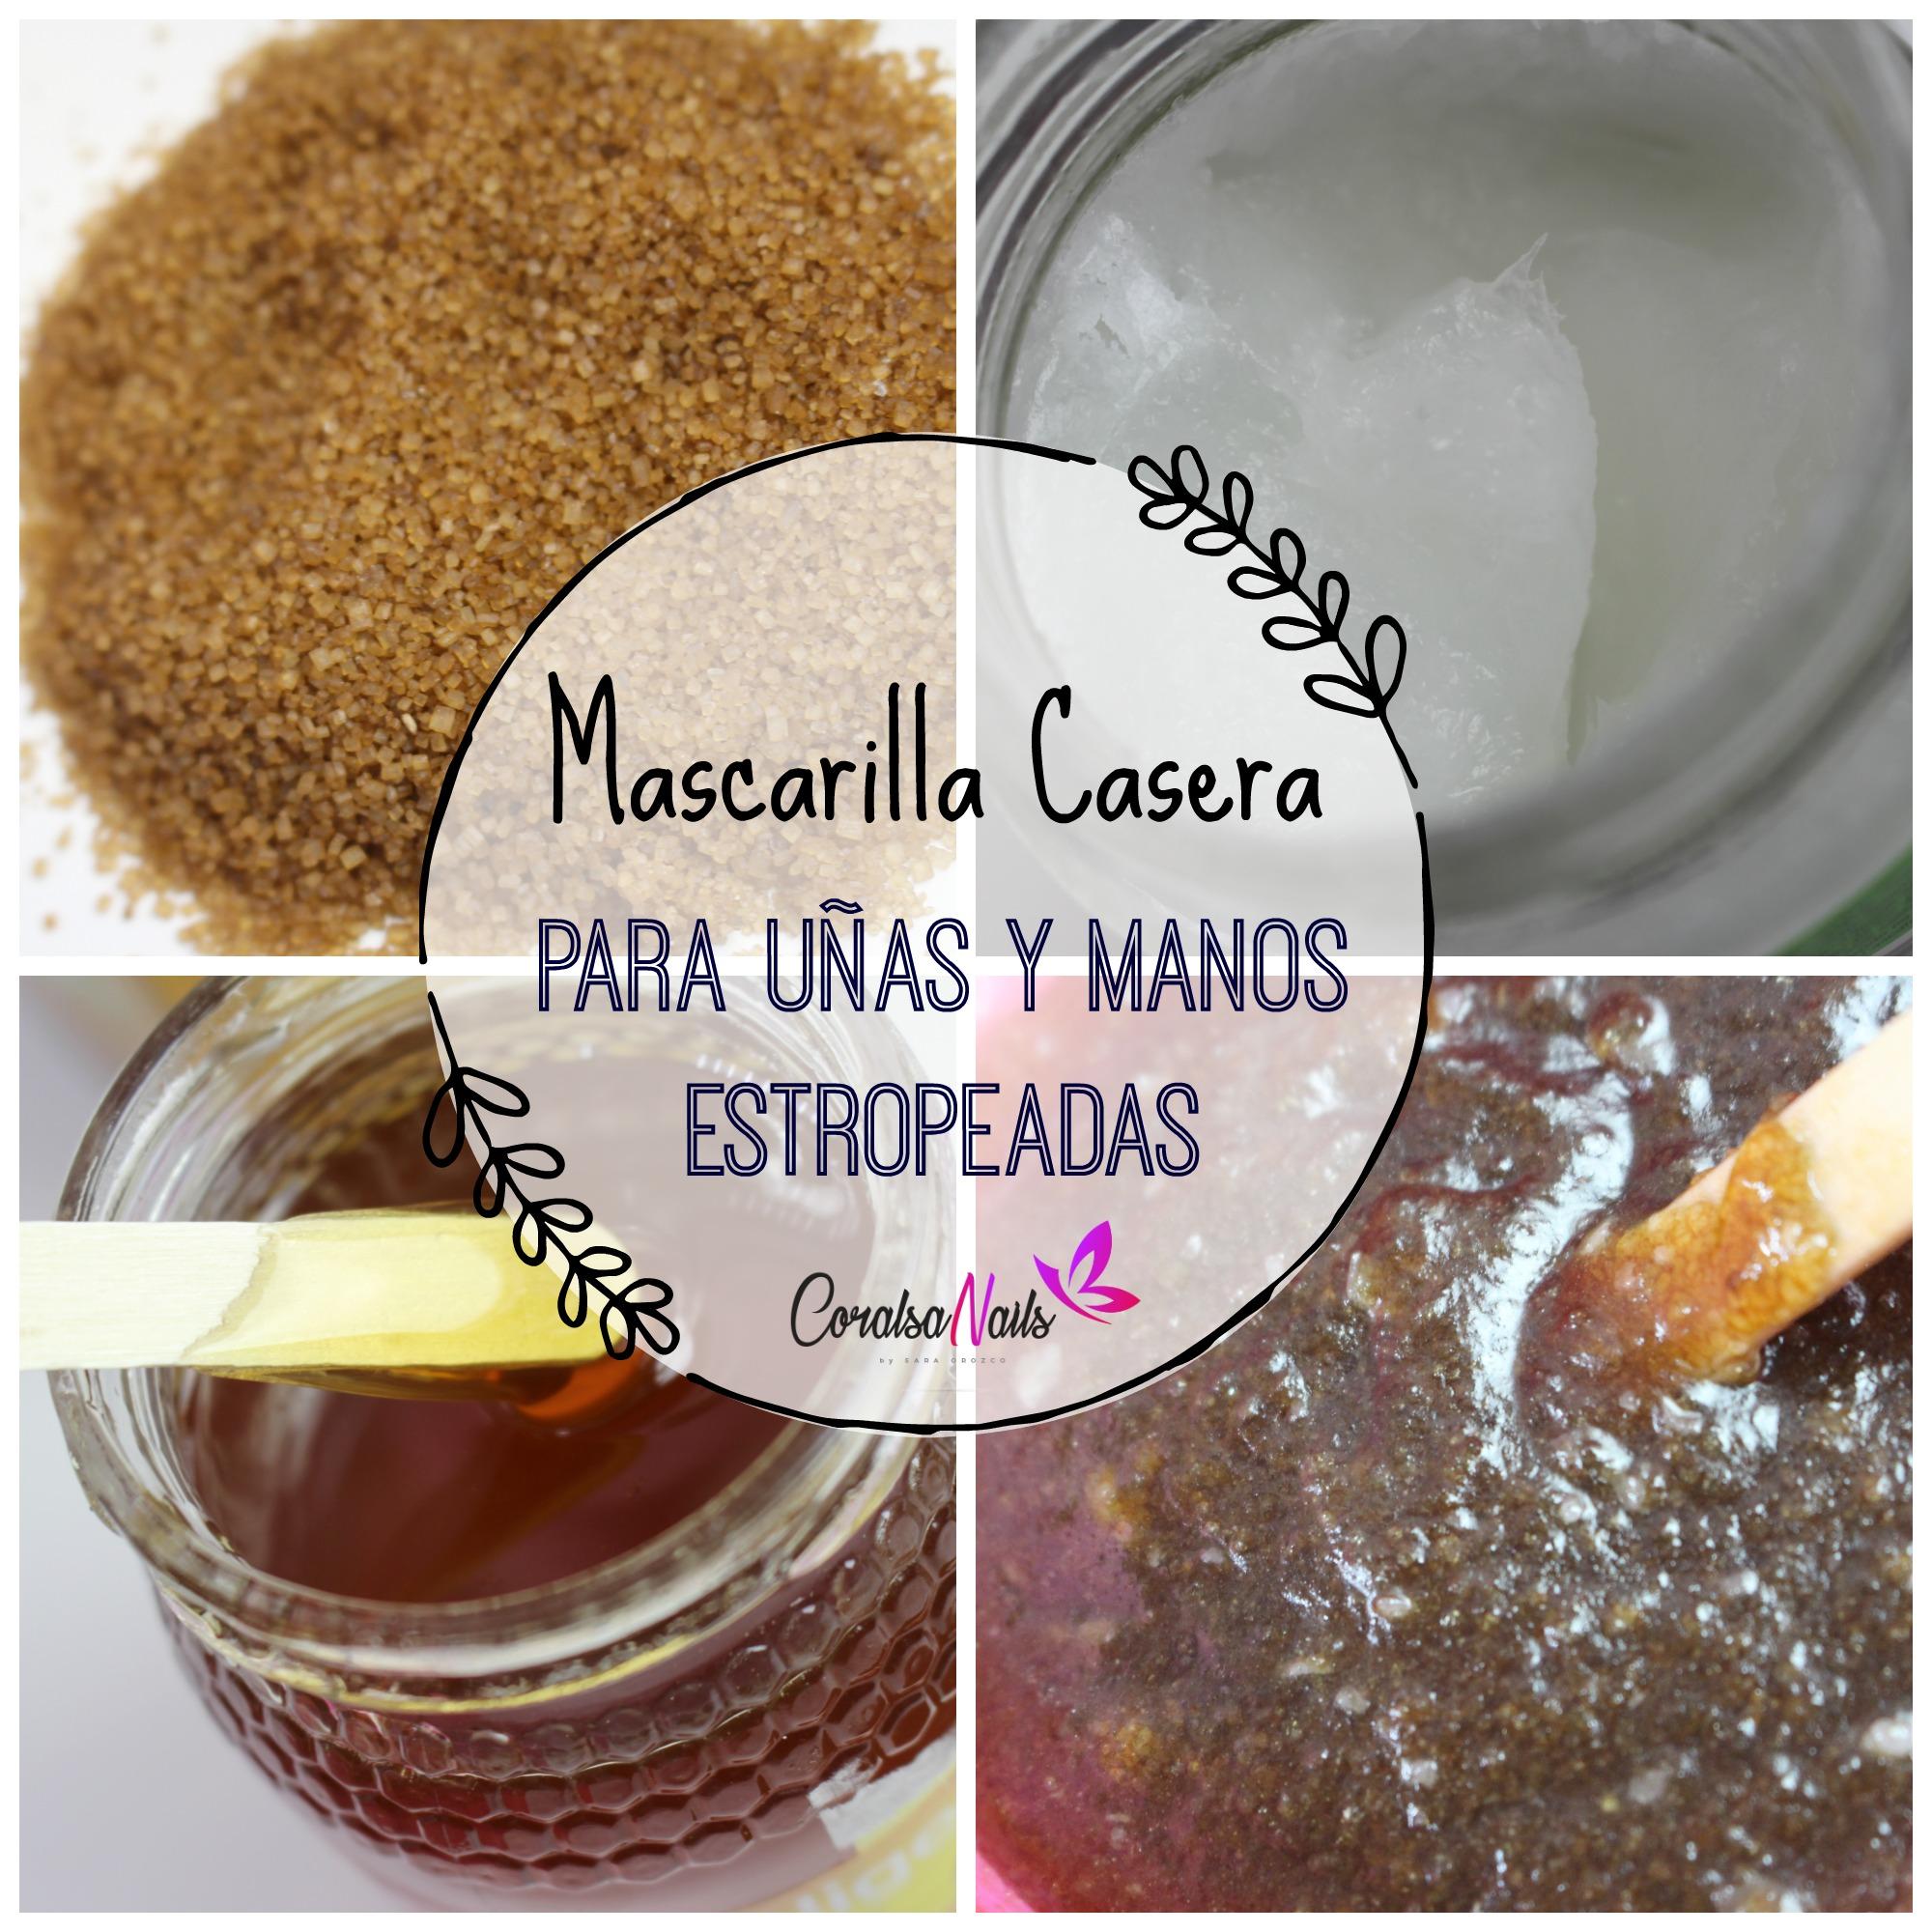 Mascarilla y Exfoliante casero para Uñas y Manos estropeadas